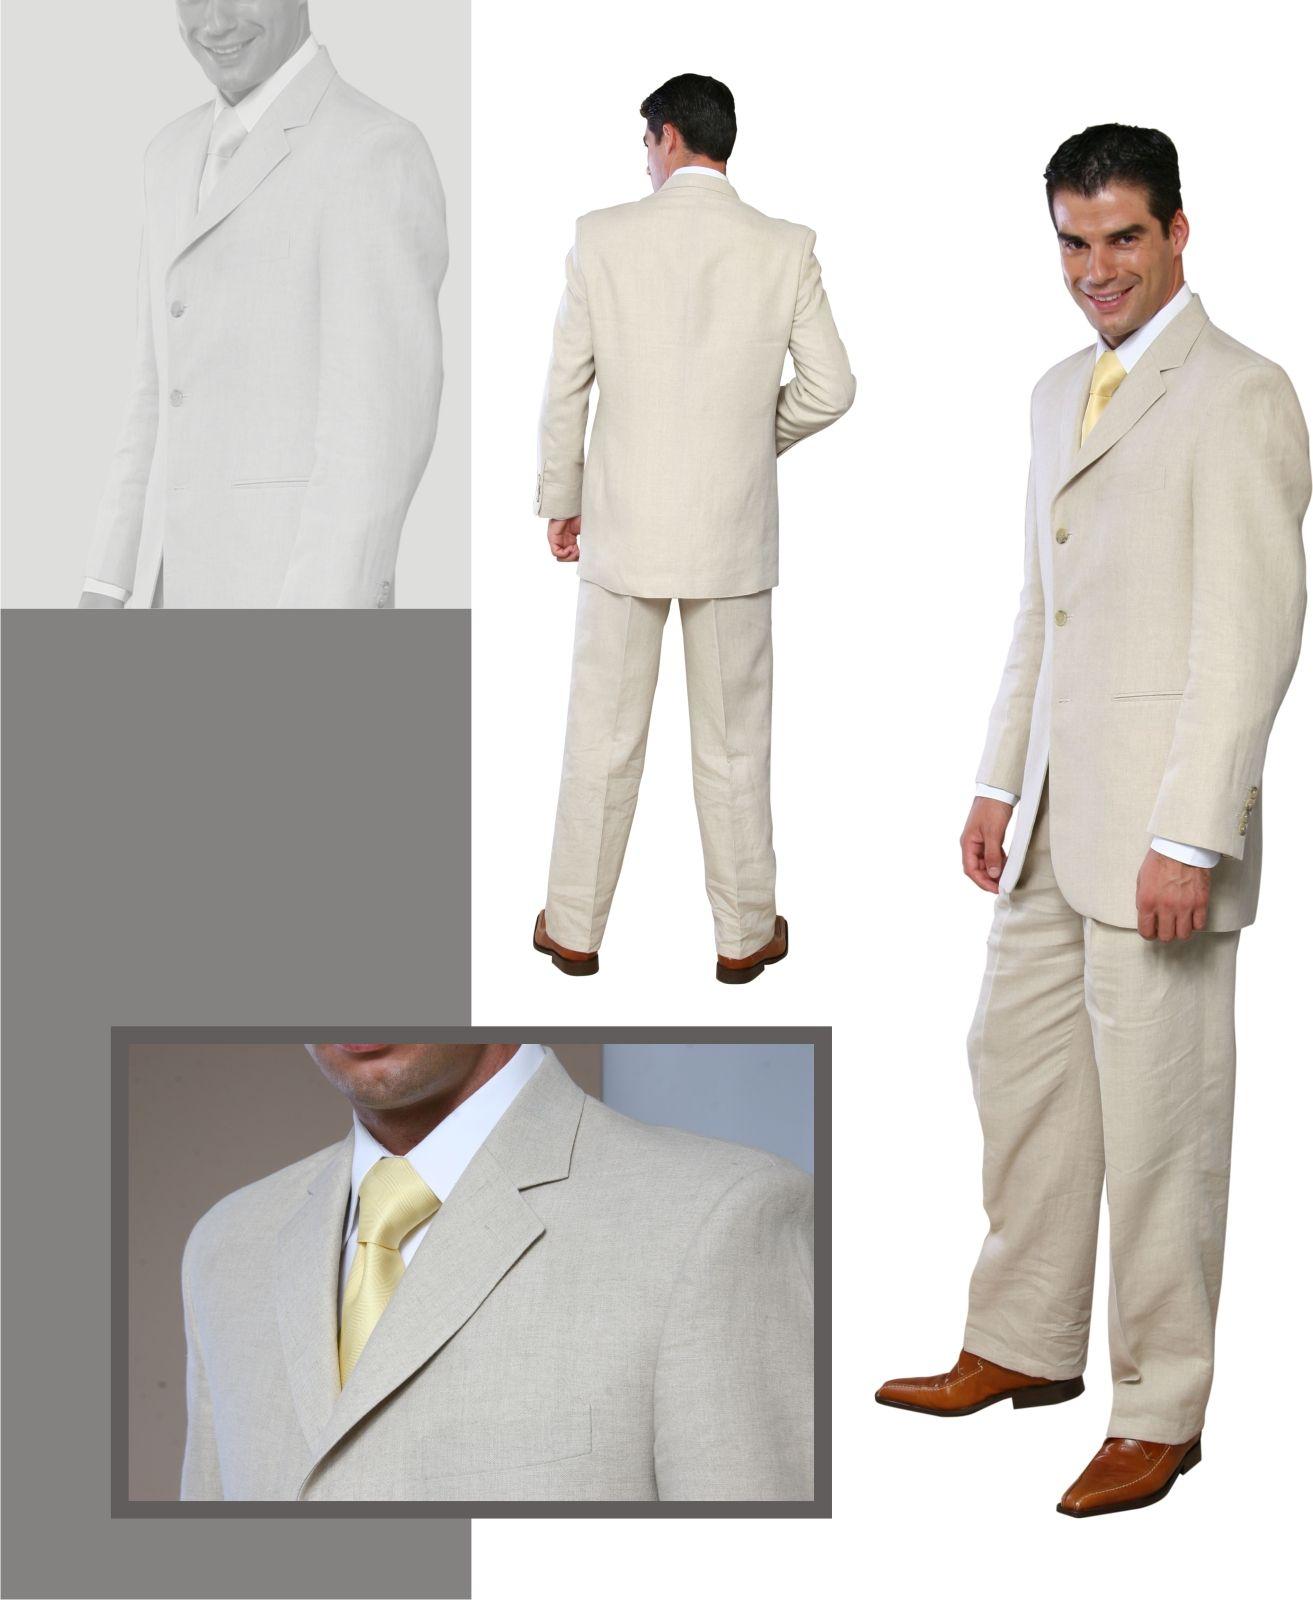 Trajes para hombre, ropa y accesorios con la mejor calidad y diseño ¡Encuentra tu traje Bruno Corza aquí!